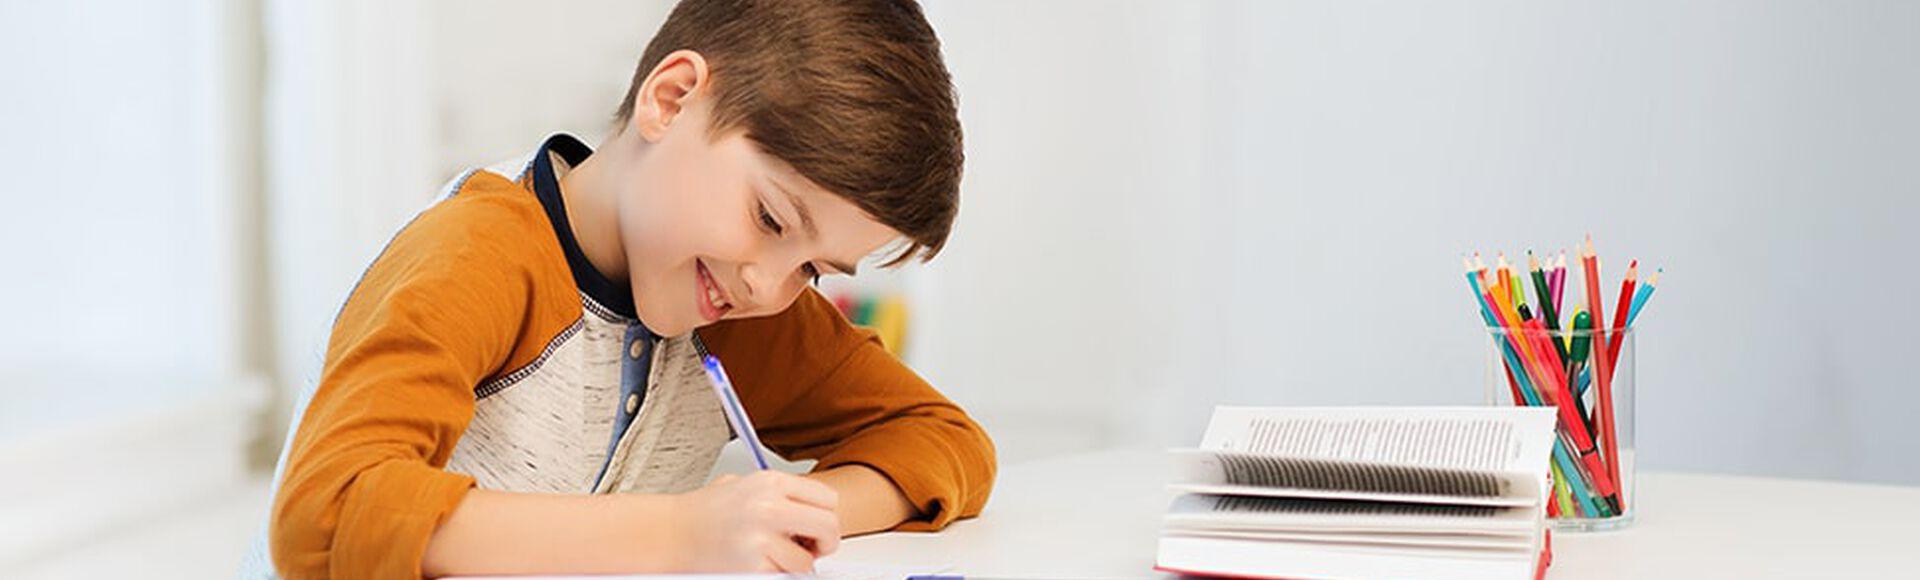 Niño dibujando y coloreando